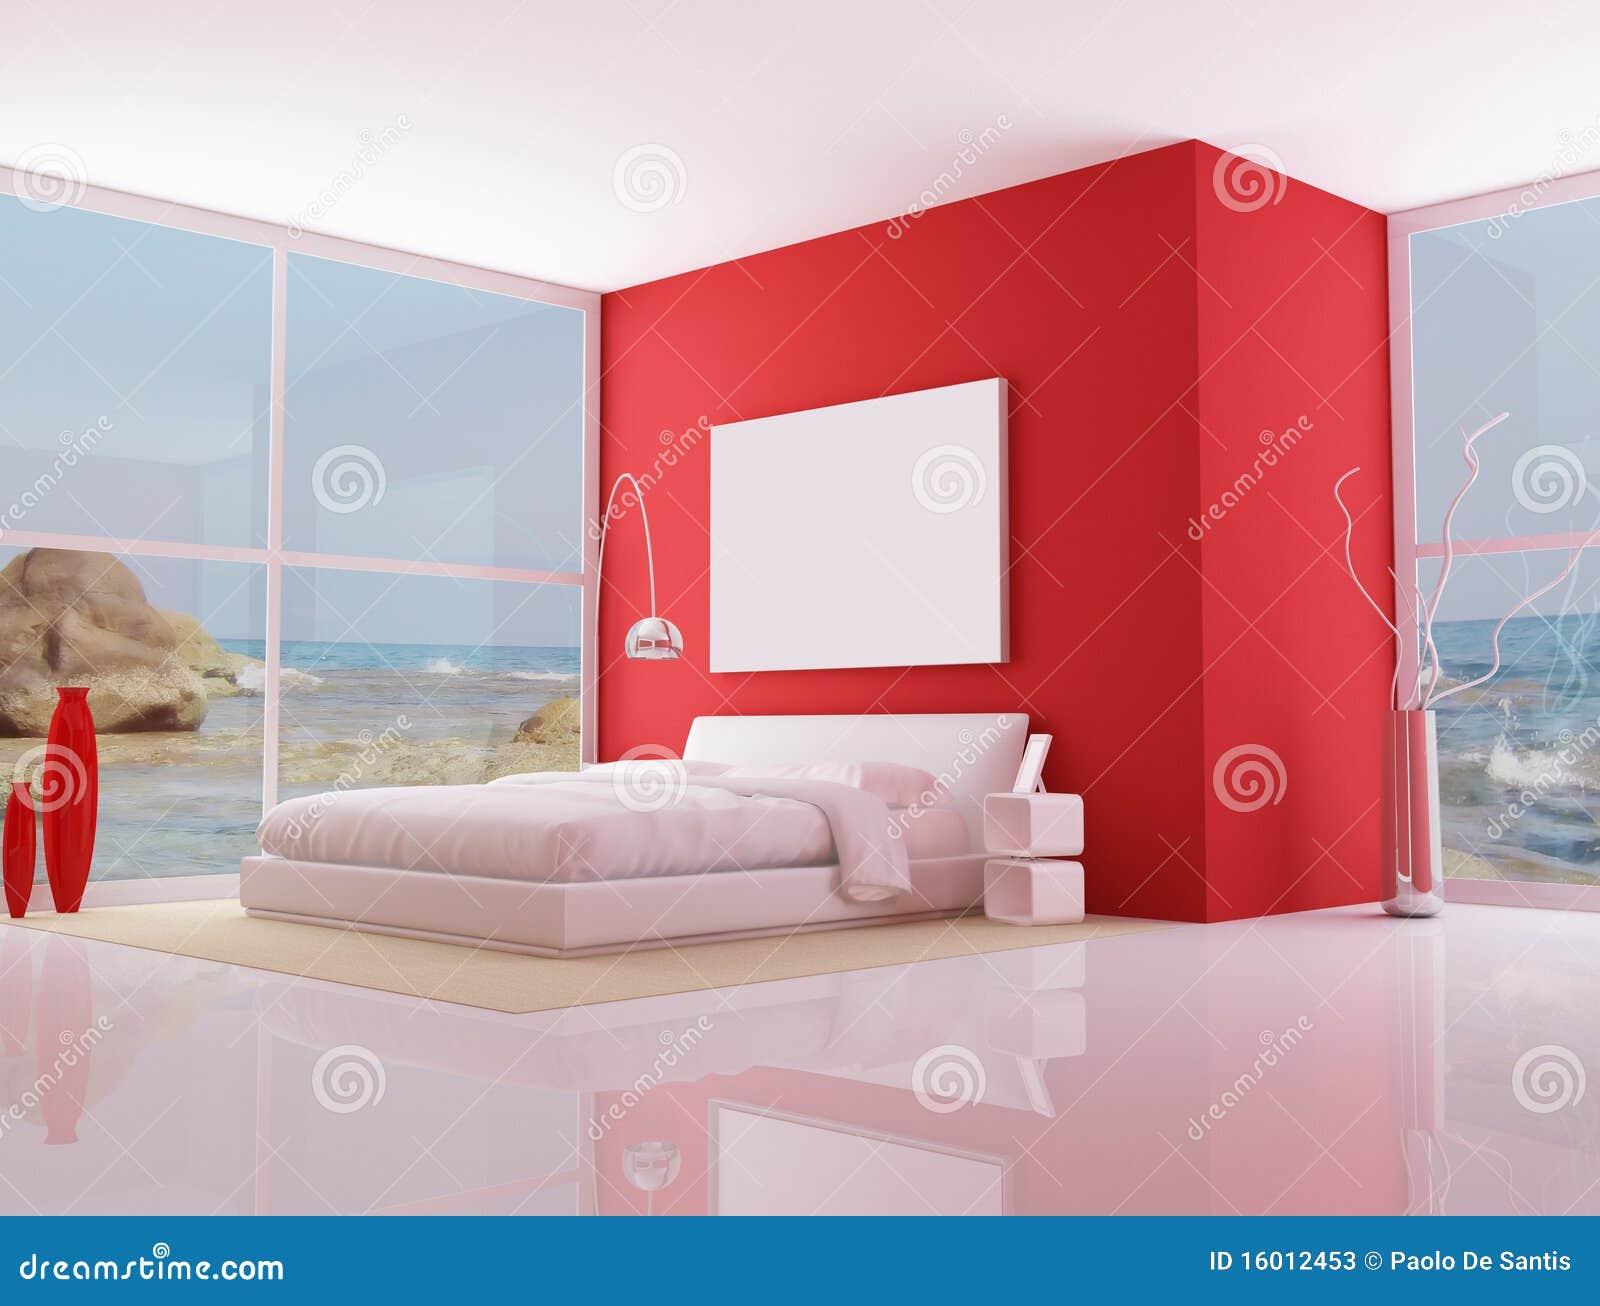 Dormitorio minimalista rojo fotos de archivo imagen for Casa minimalista rojo